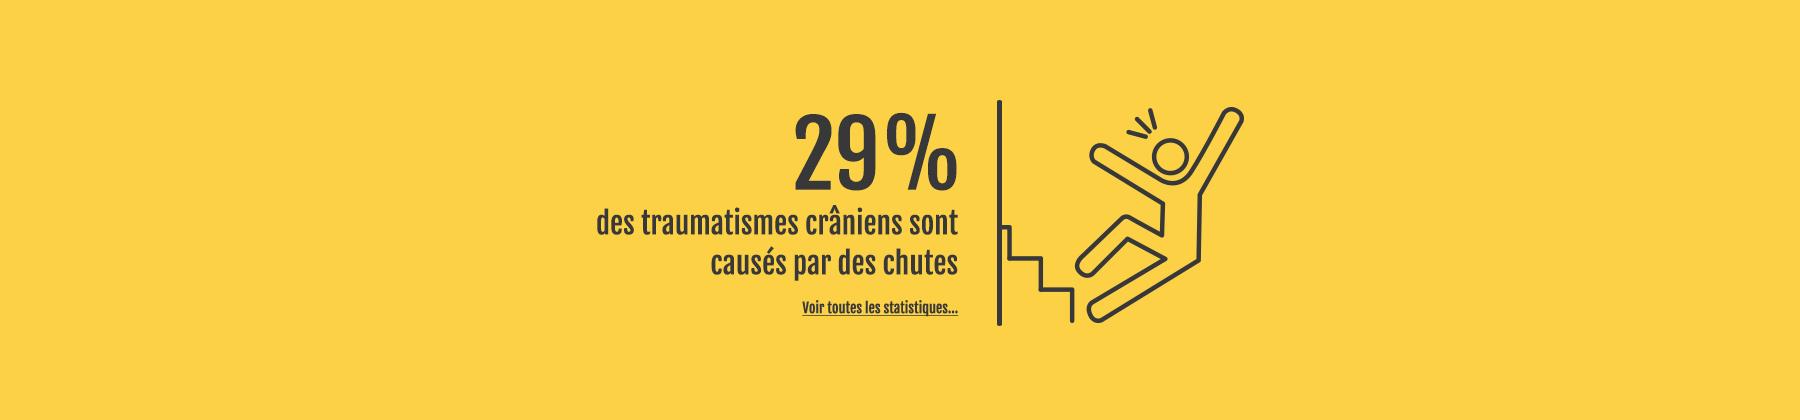 Statistique chutes